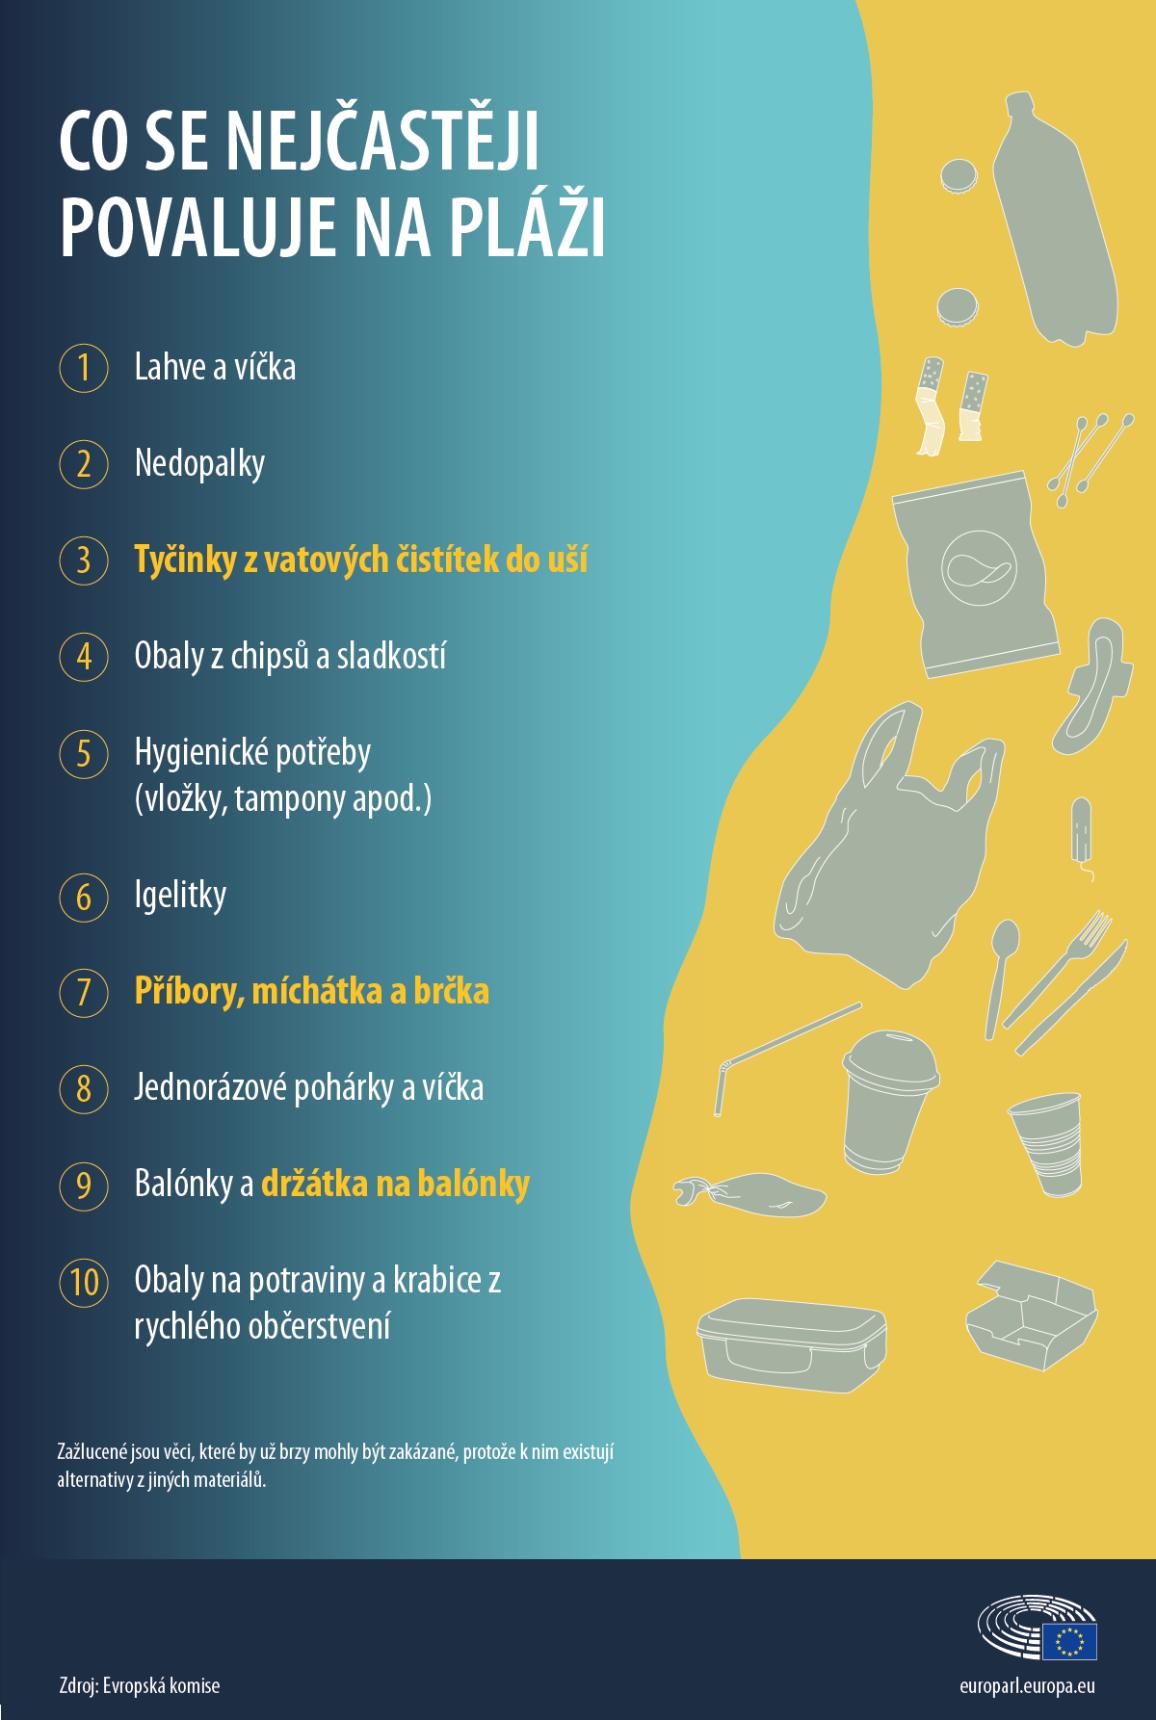 Plasty na jedno použití - znečištění pláží